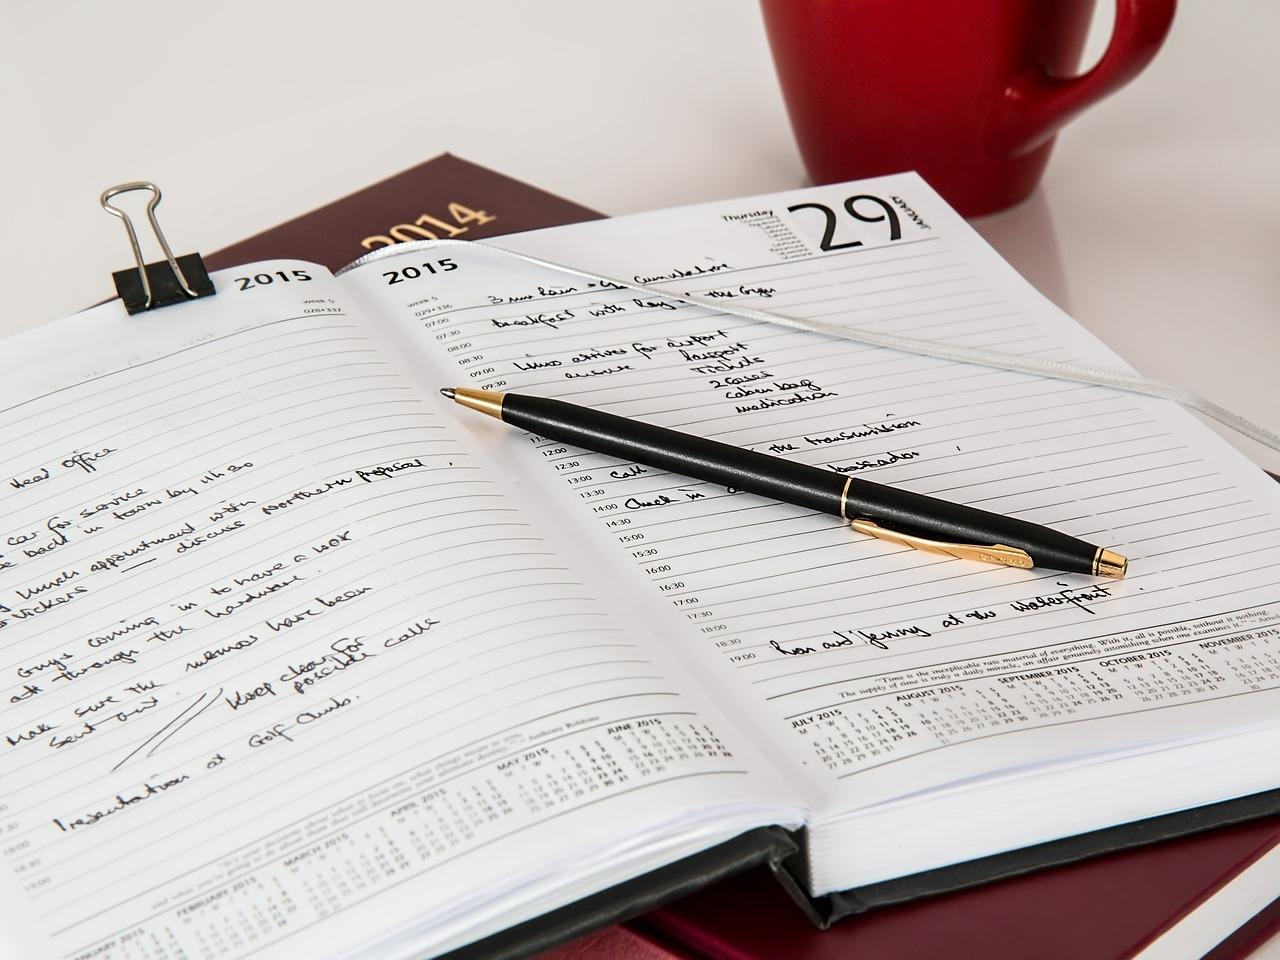 4 Alternative Work Schedules that Actually Work